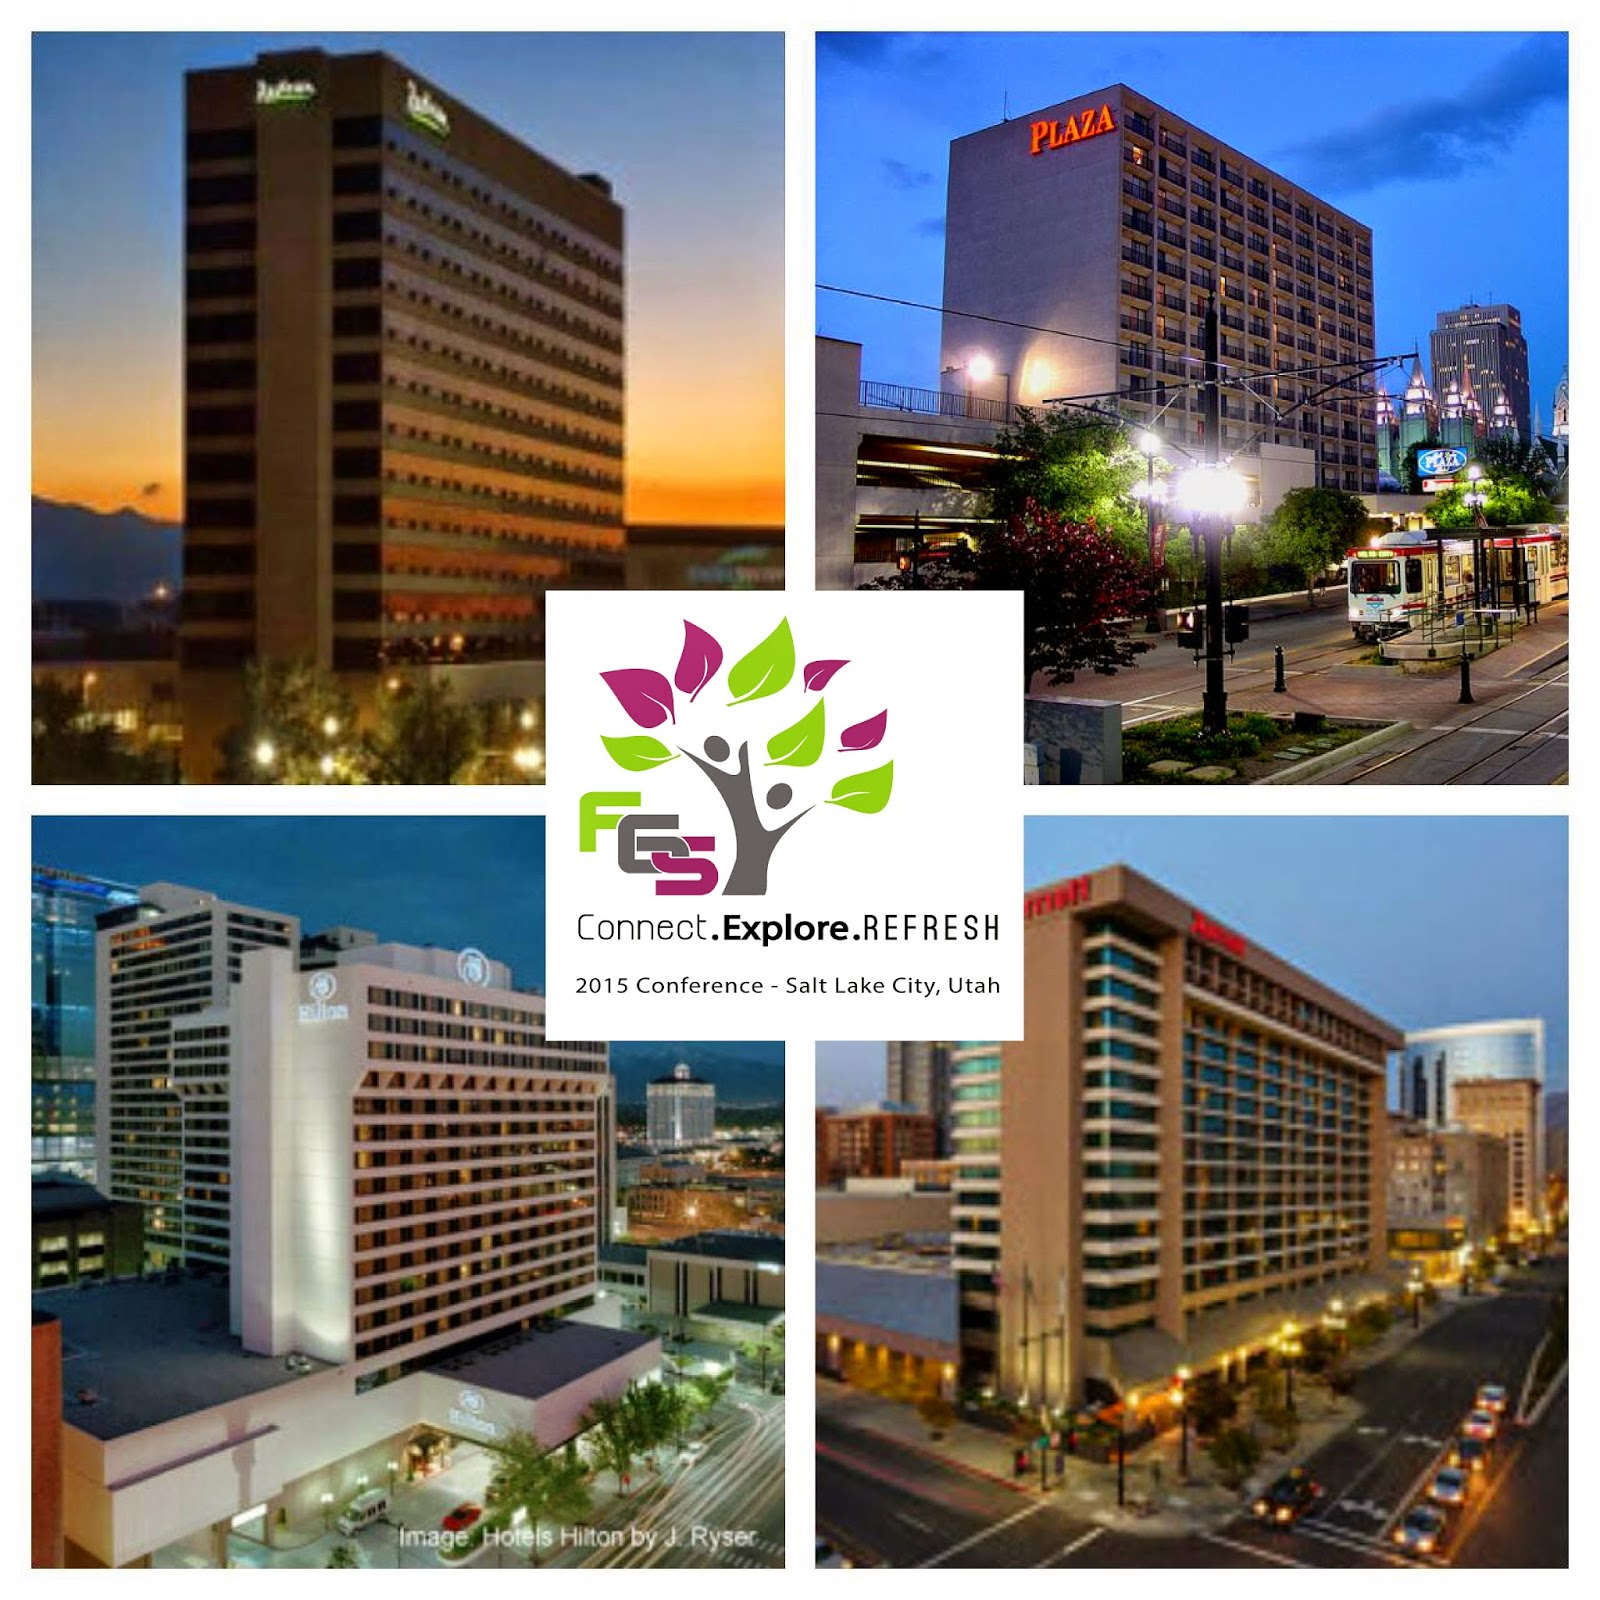 FGS2015 Hotels